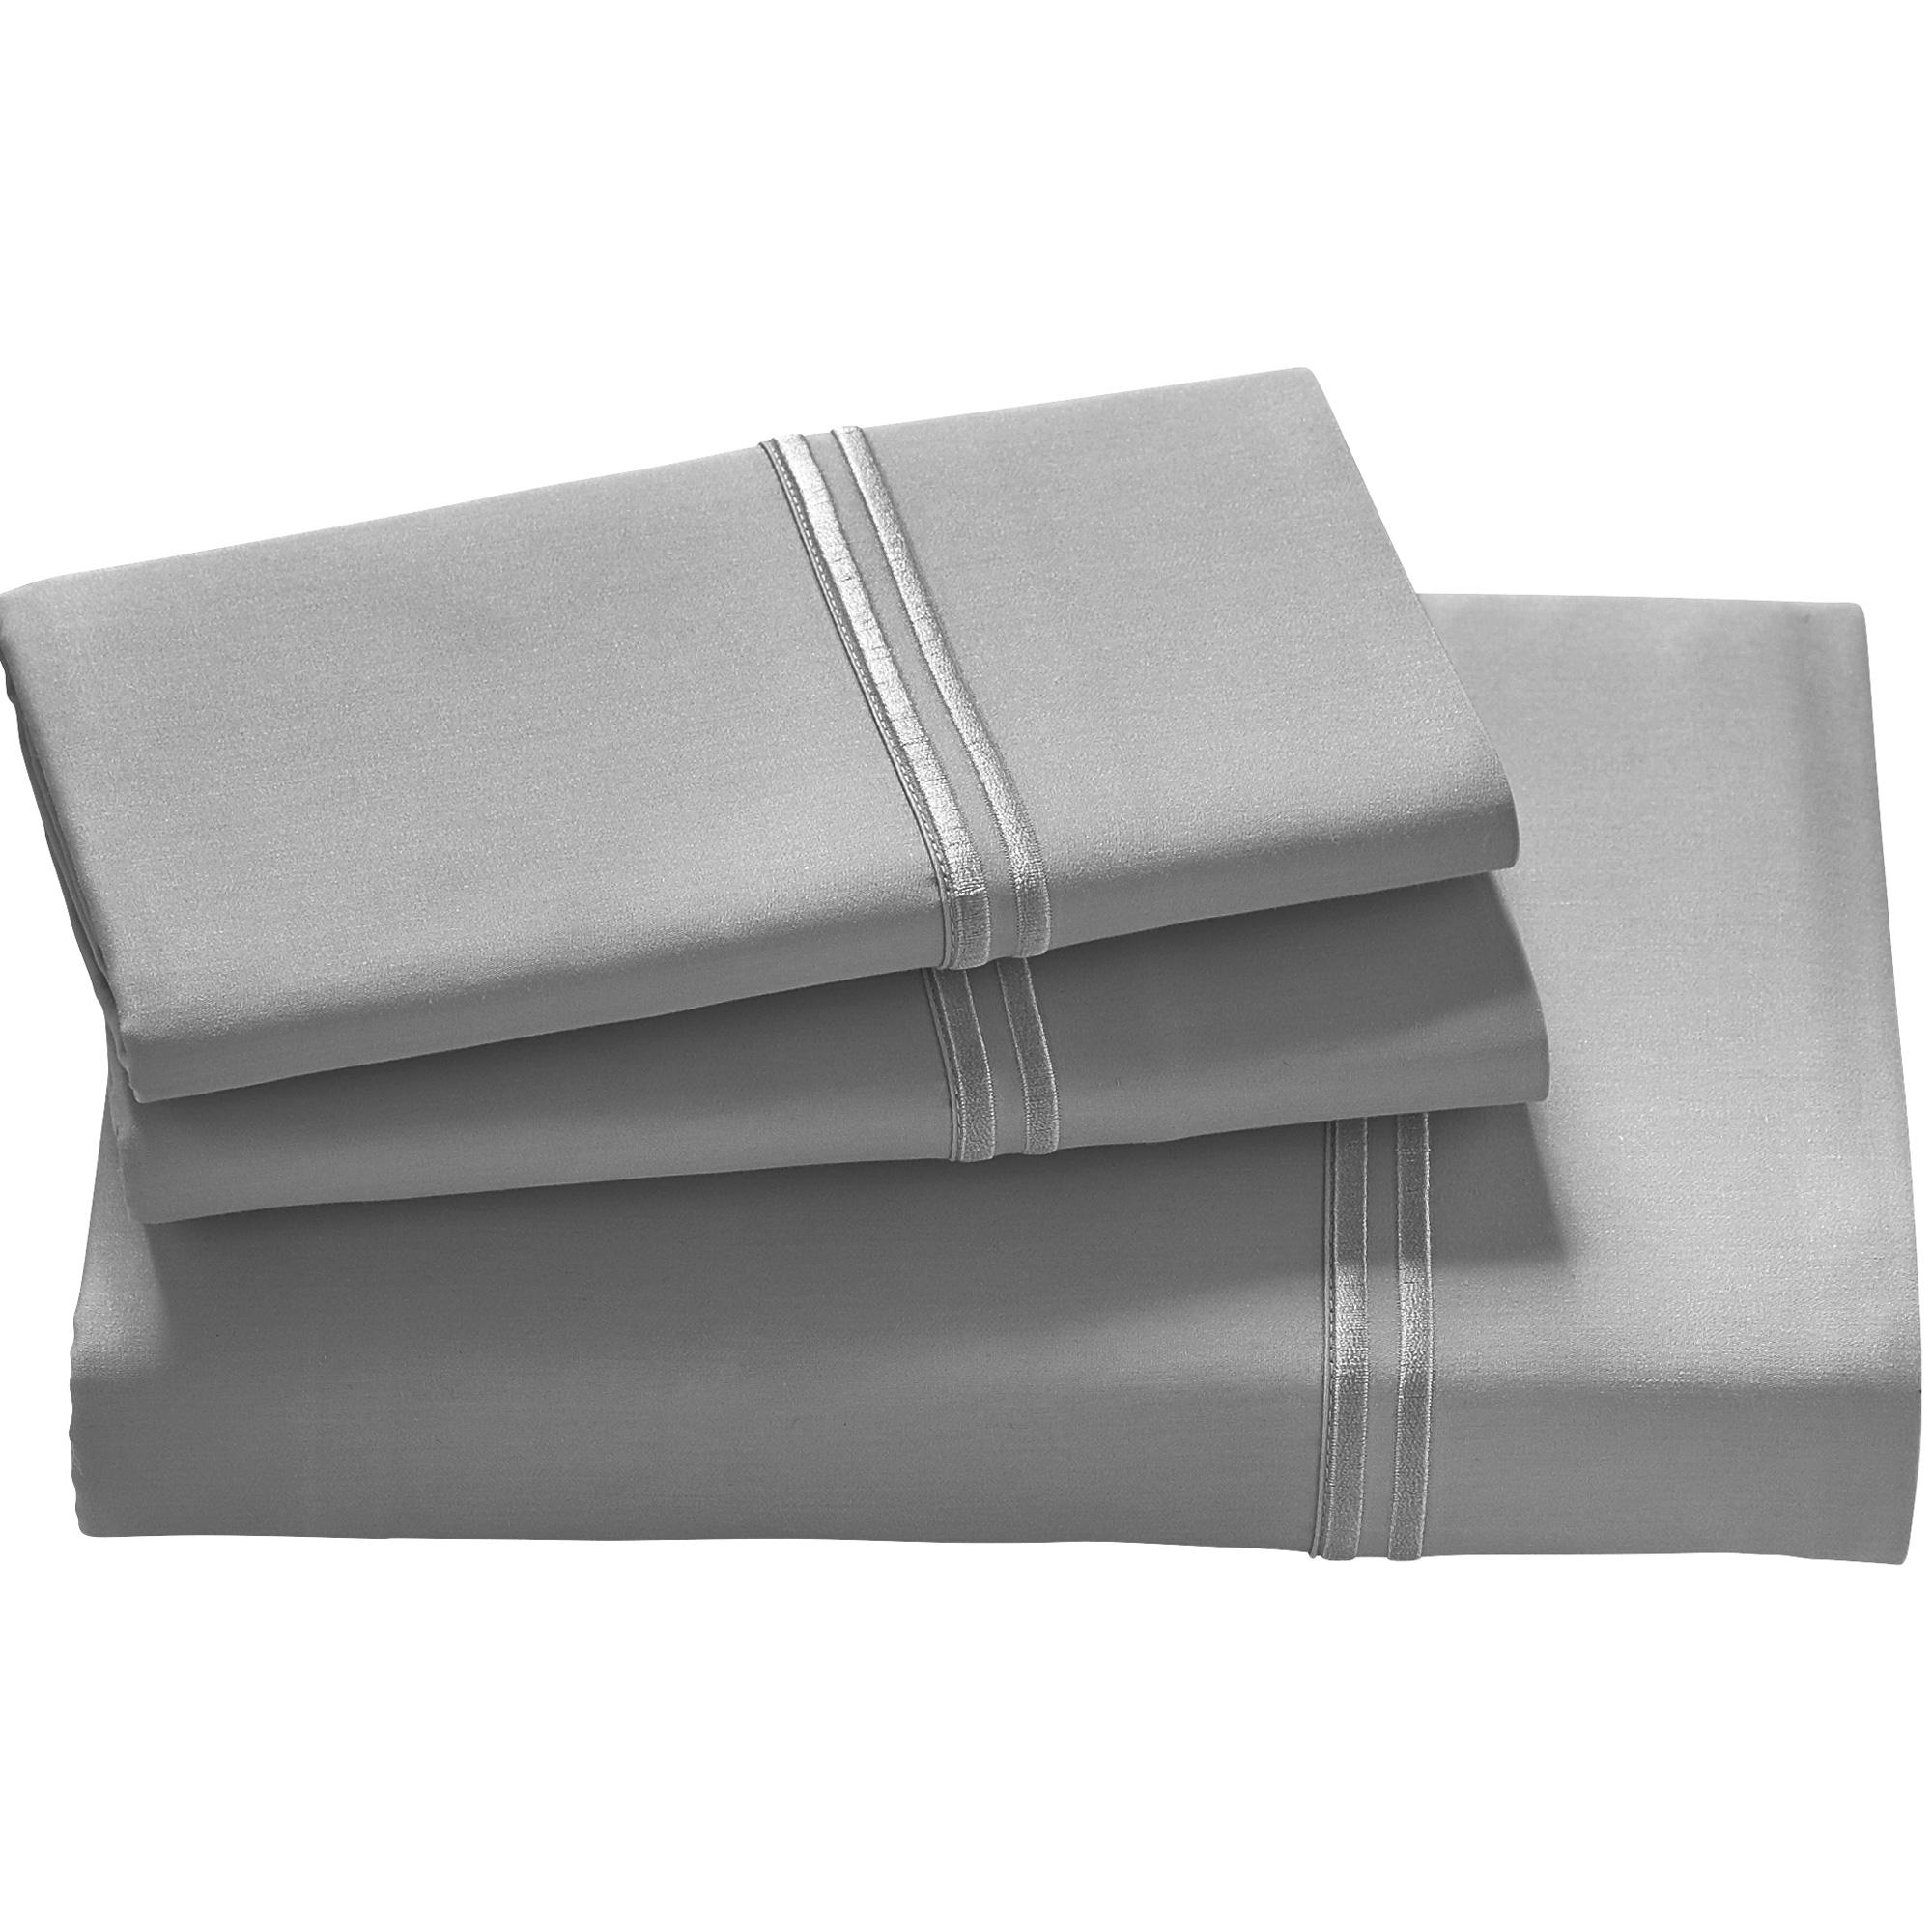 Purecare | Elements Dove Gray Queen Tencel Pillowcase